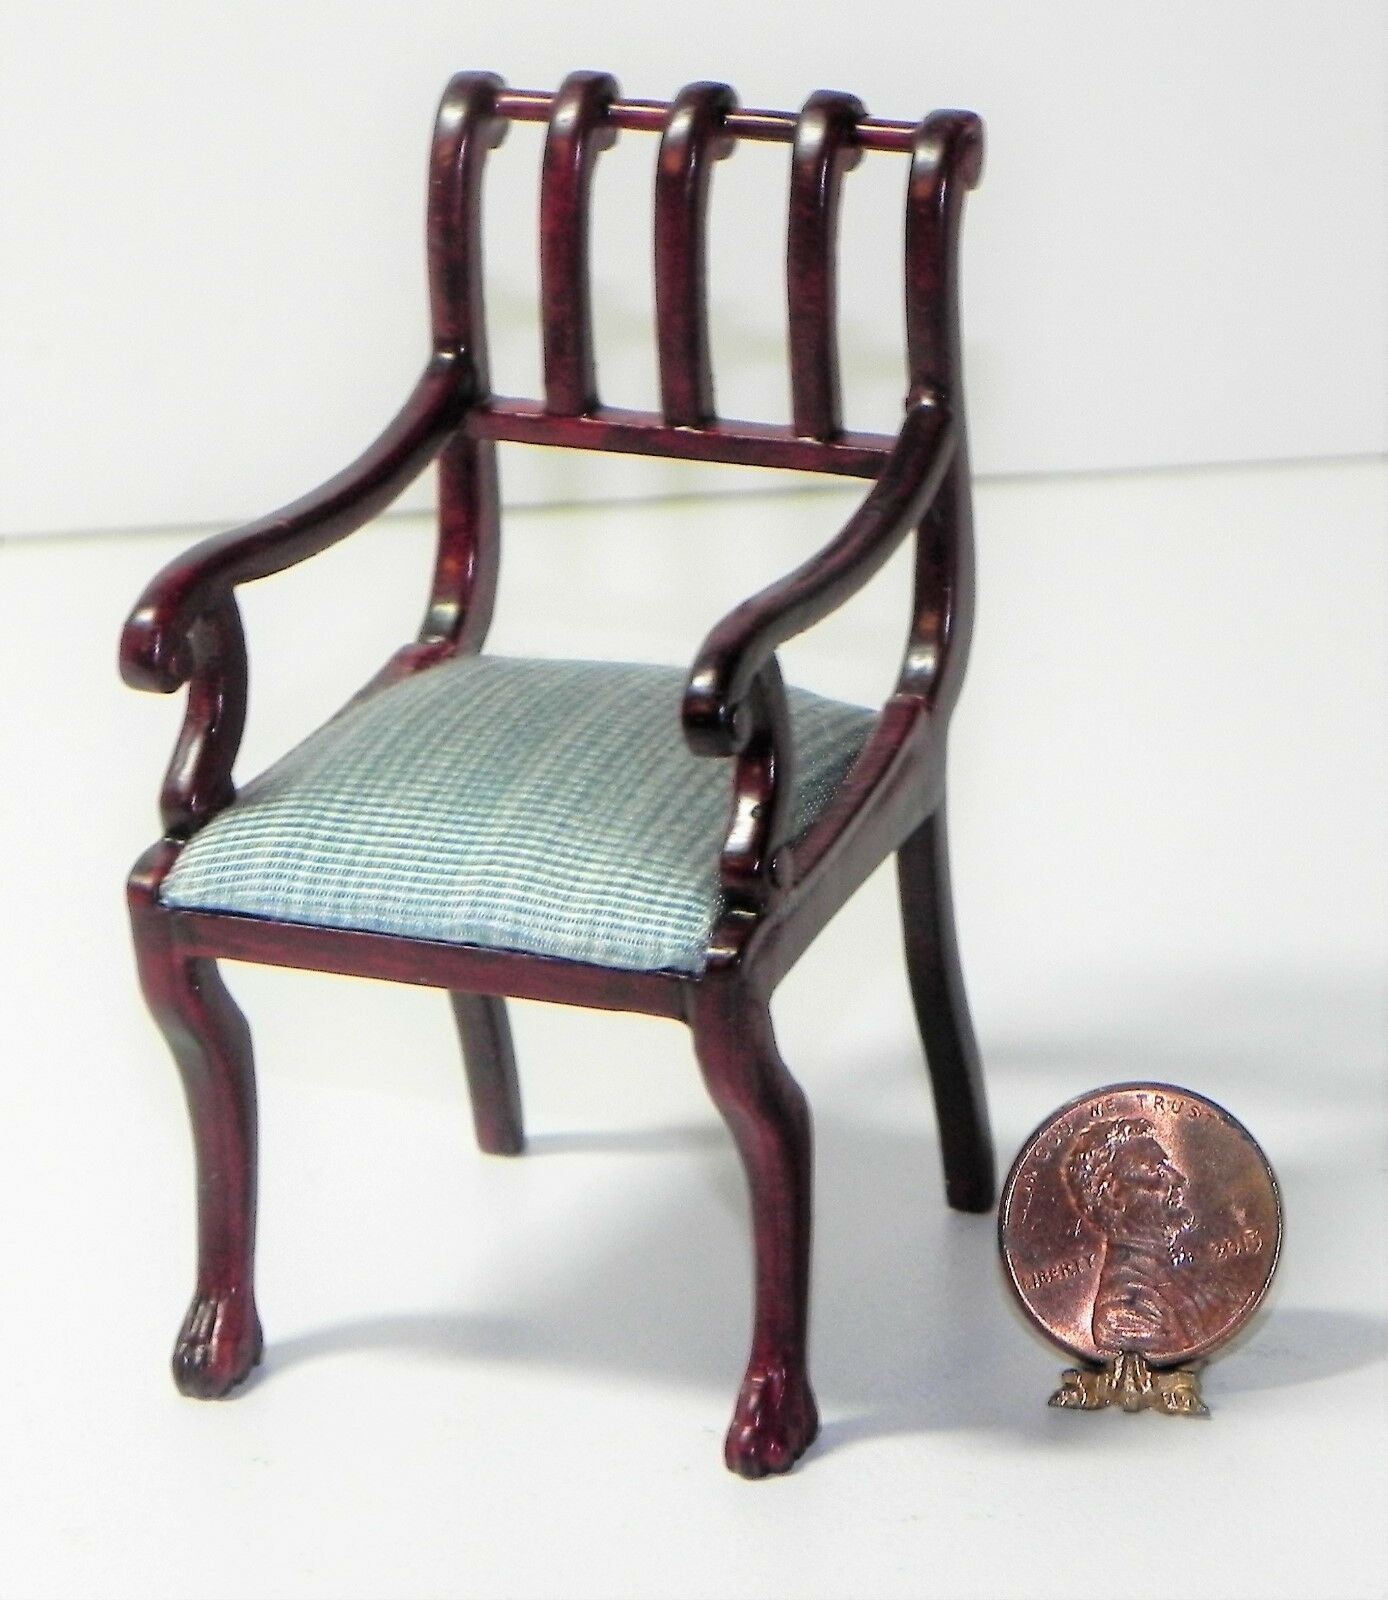 Dollhouse British Miniature British Dollhouse Colonial Chair Blau 1 12 Scale 8561e5